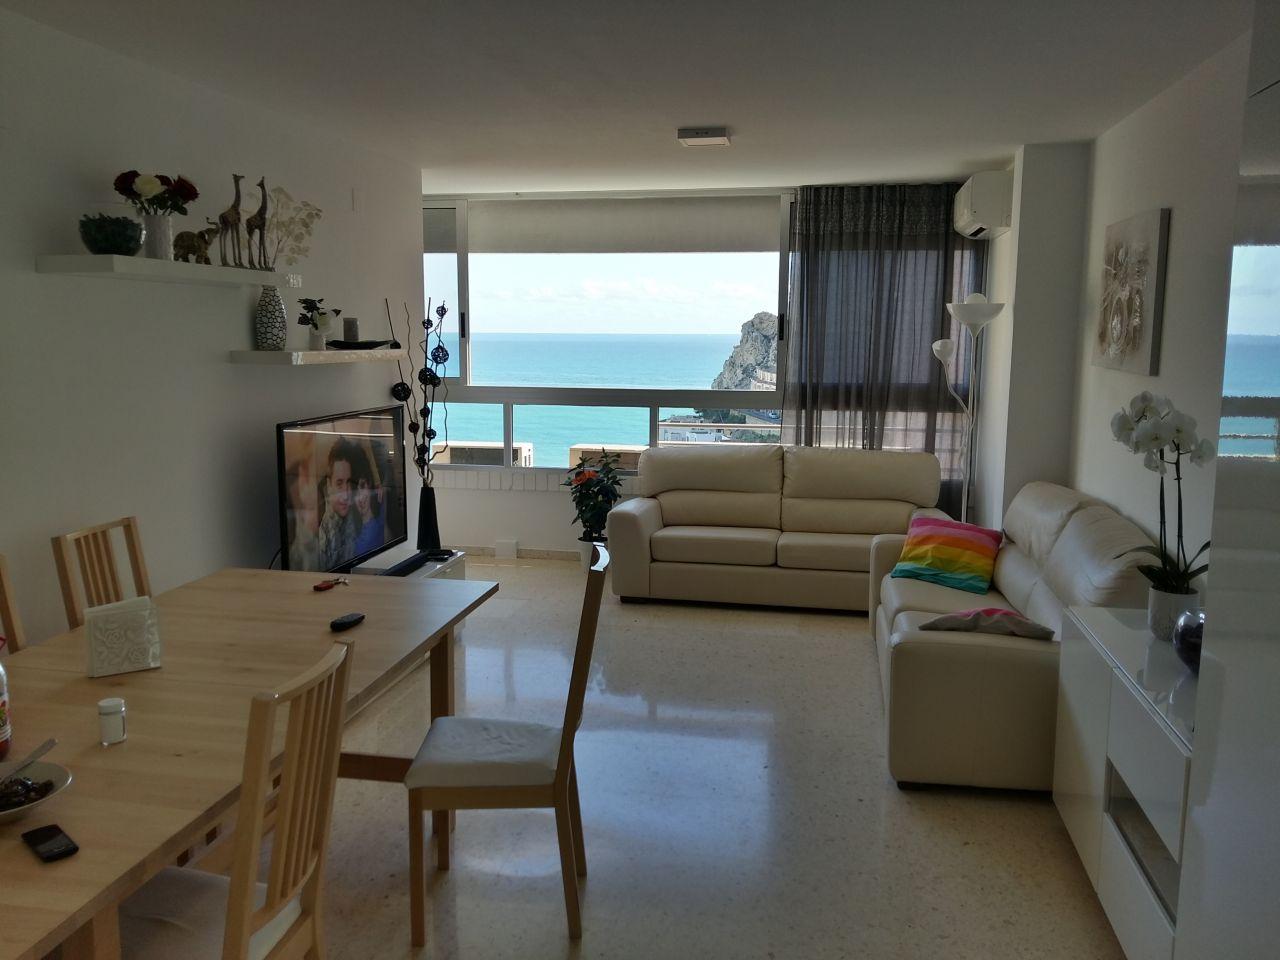 База аренды квартир в испании от собственника